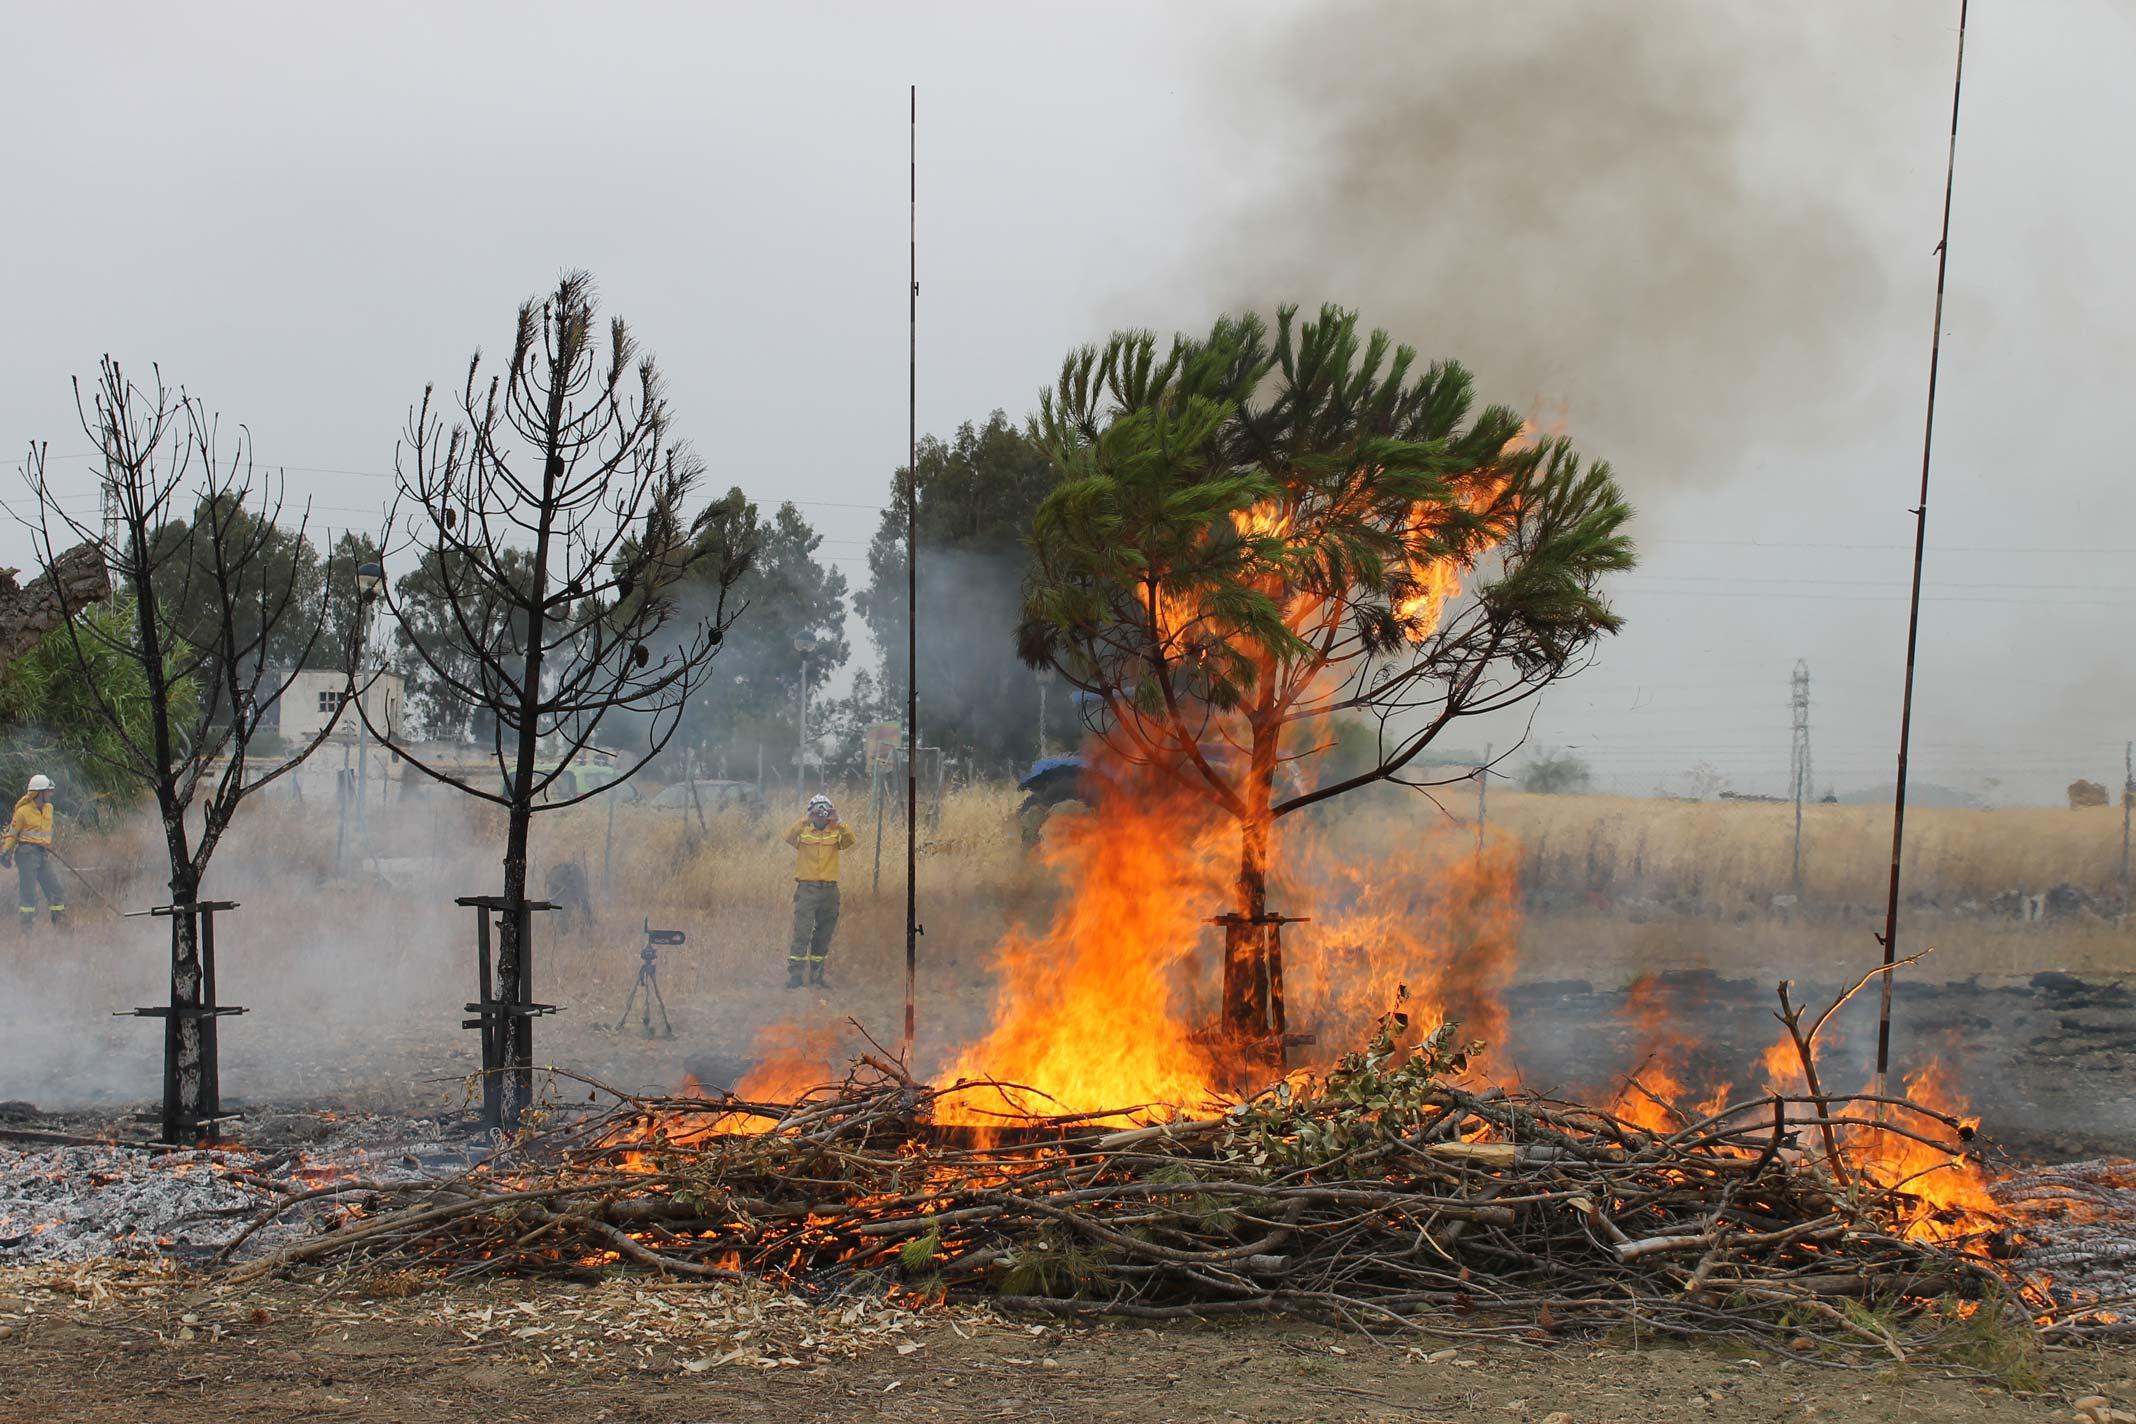 Foto2: Midiendo la propagación vertical del fuego desde un modelo de combustibles formado por restos vegetales. Base de los modelos HR del sistema UCO40